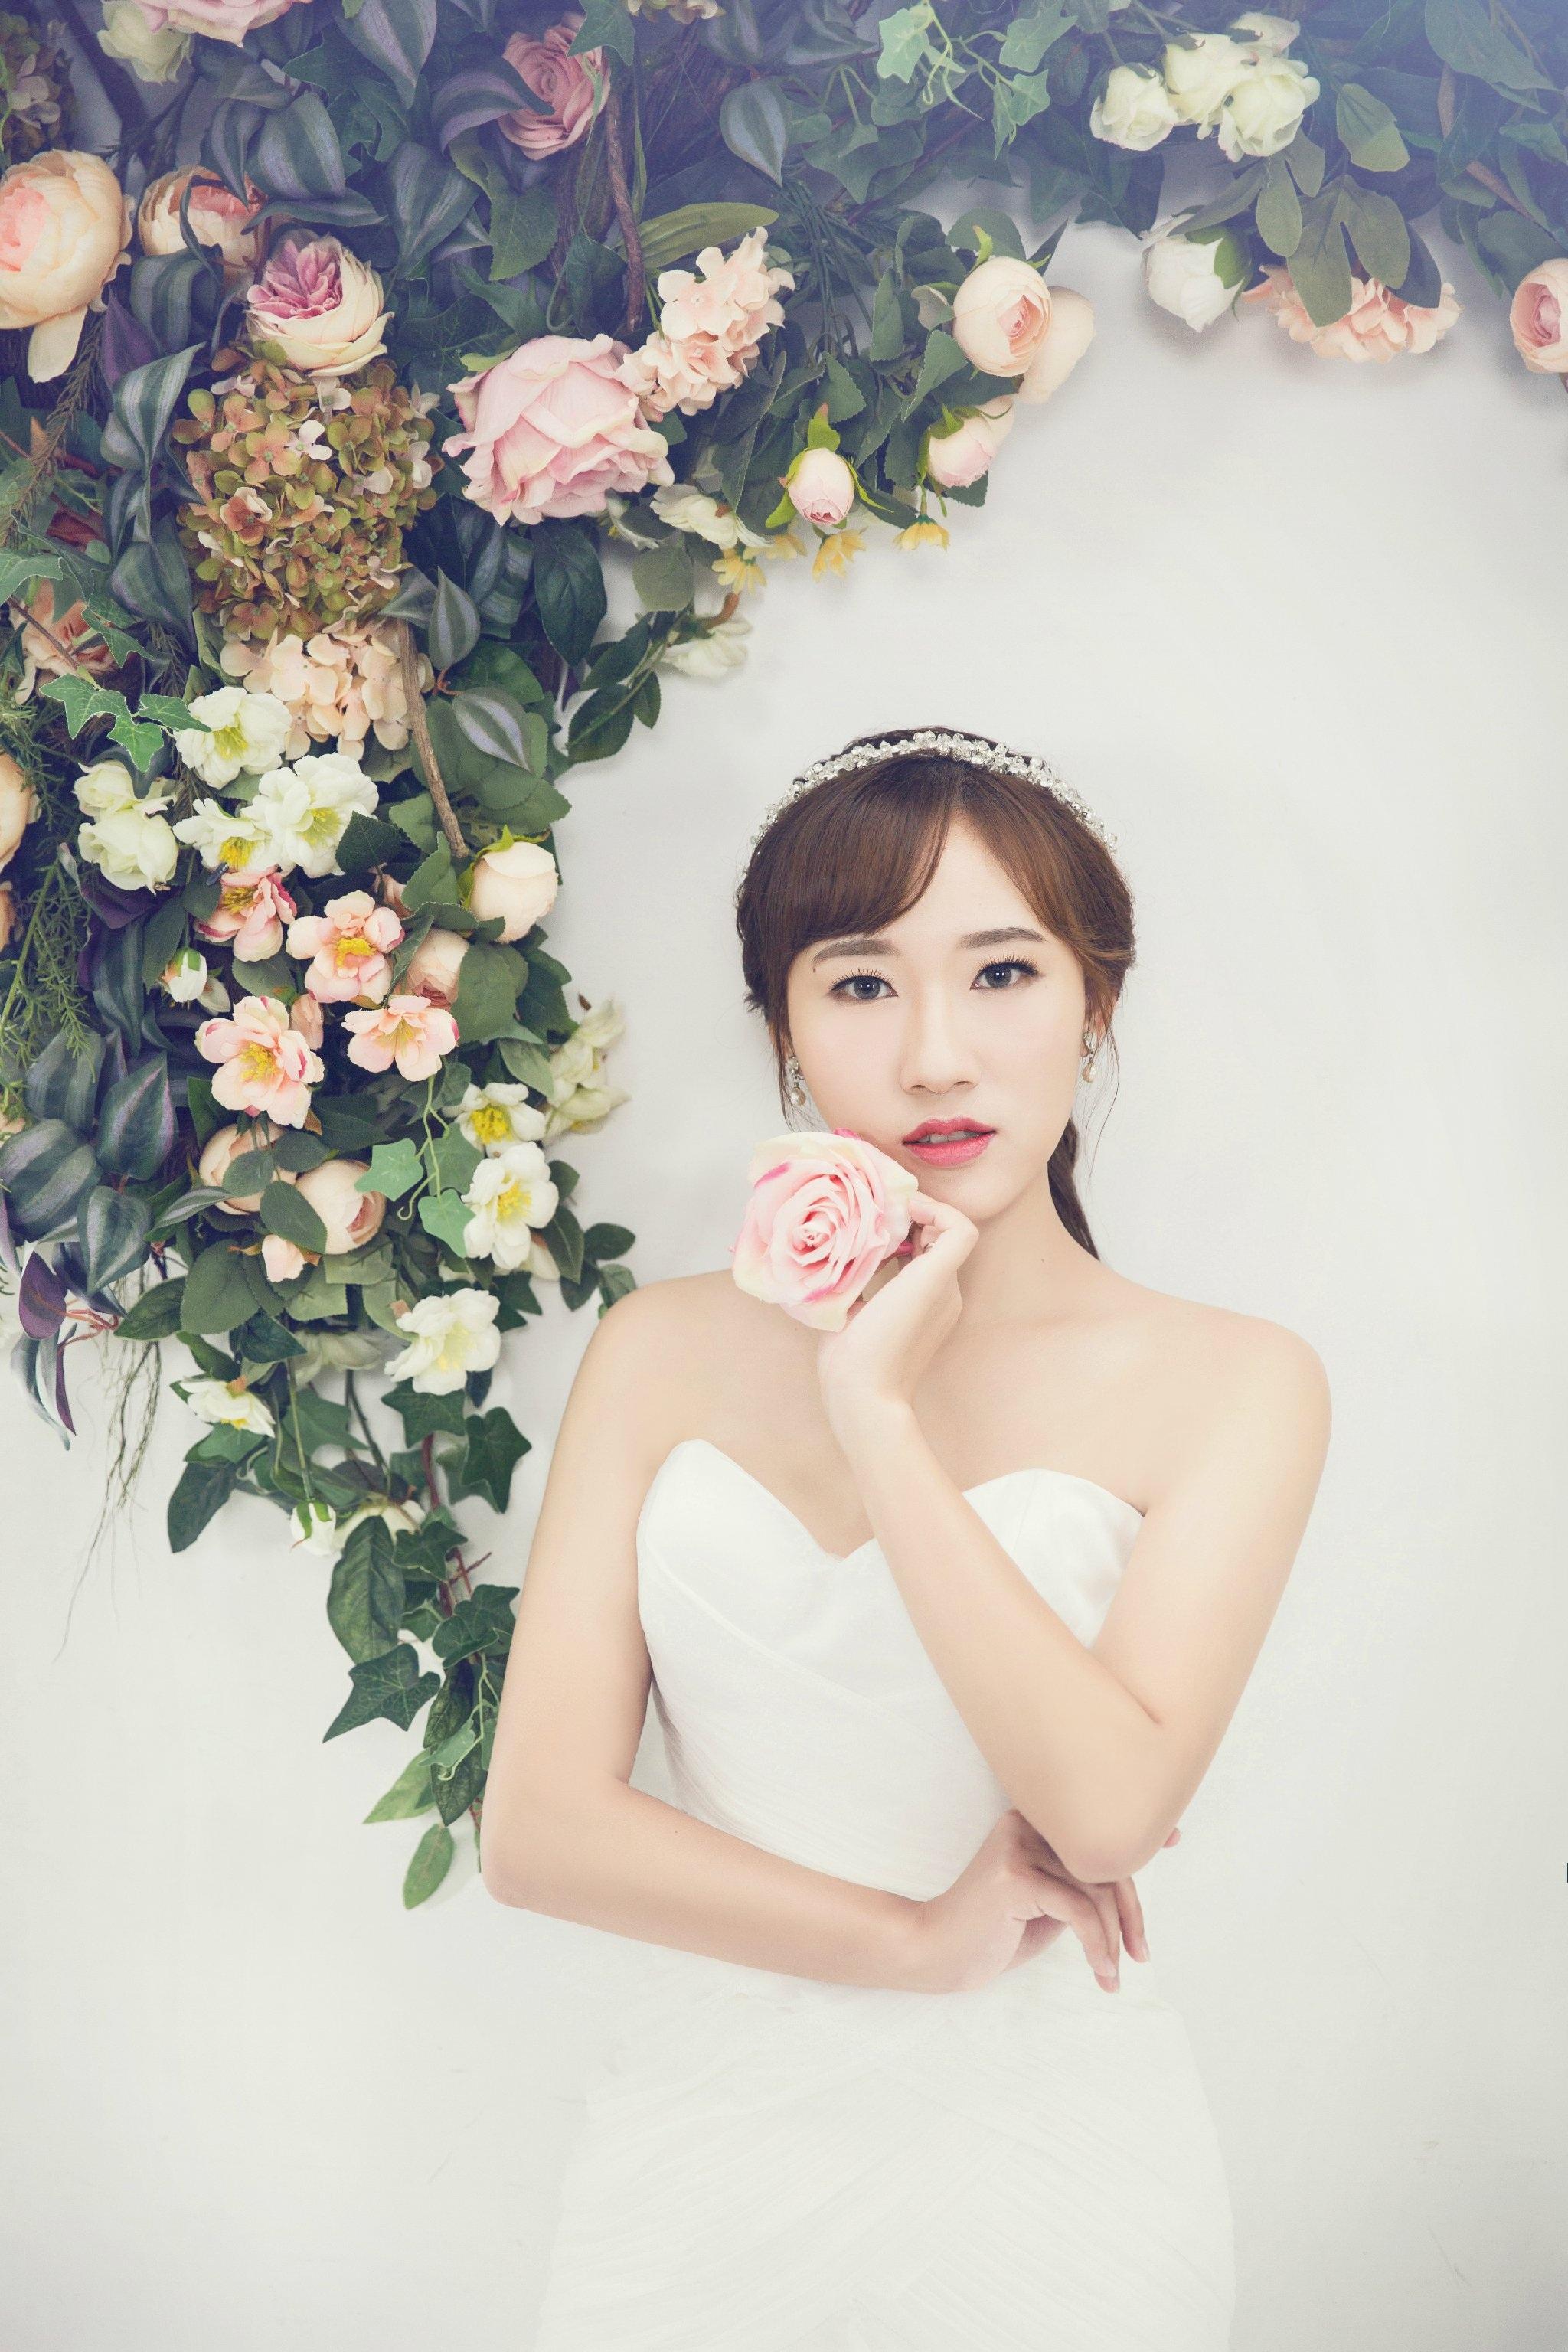 Kostenlose foto : Frau, Fotografie, Blume, Hochzeit, Hochzeitskleid ...